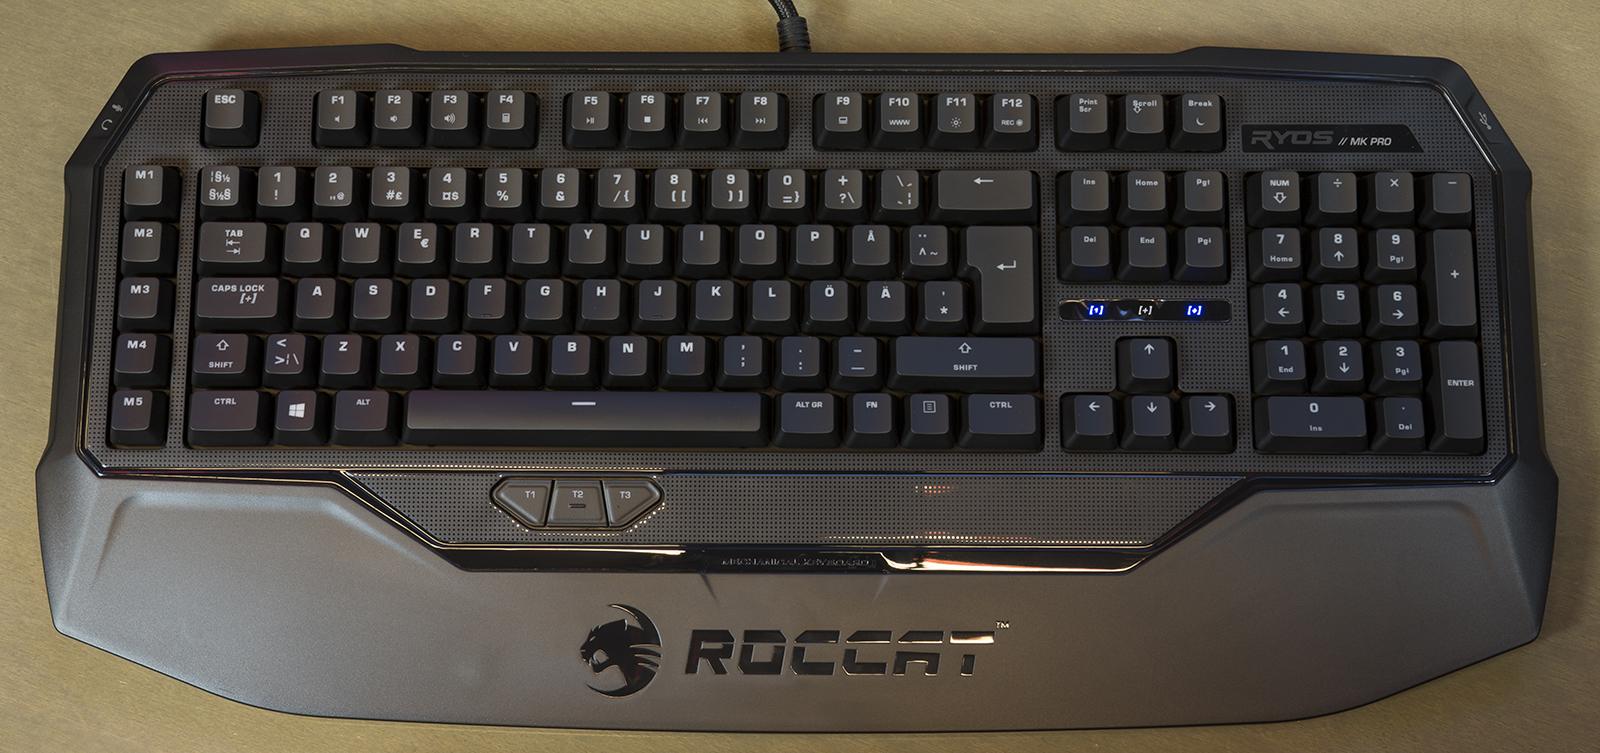 Roccat Ryos MK Pro klaviatuur väljalülitatud taustvalgustusega